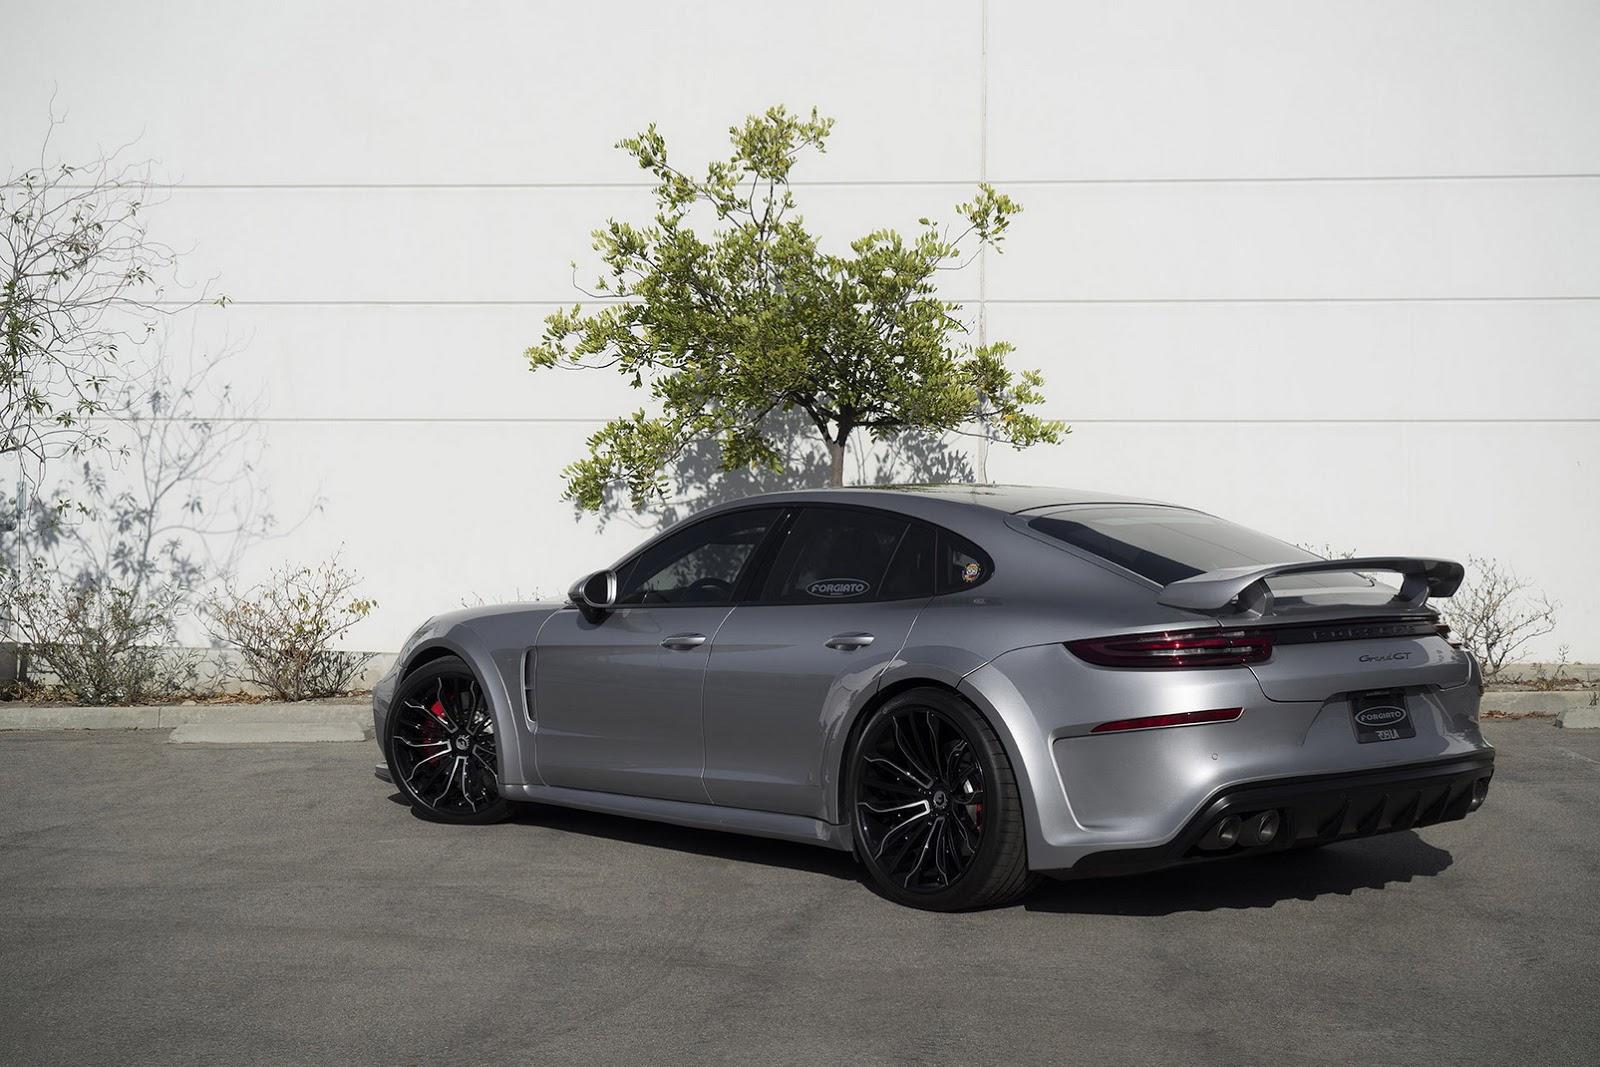 New Porsche Panamera Sports TechArt Kit And Forgiato Wheels